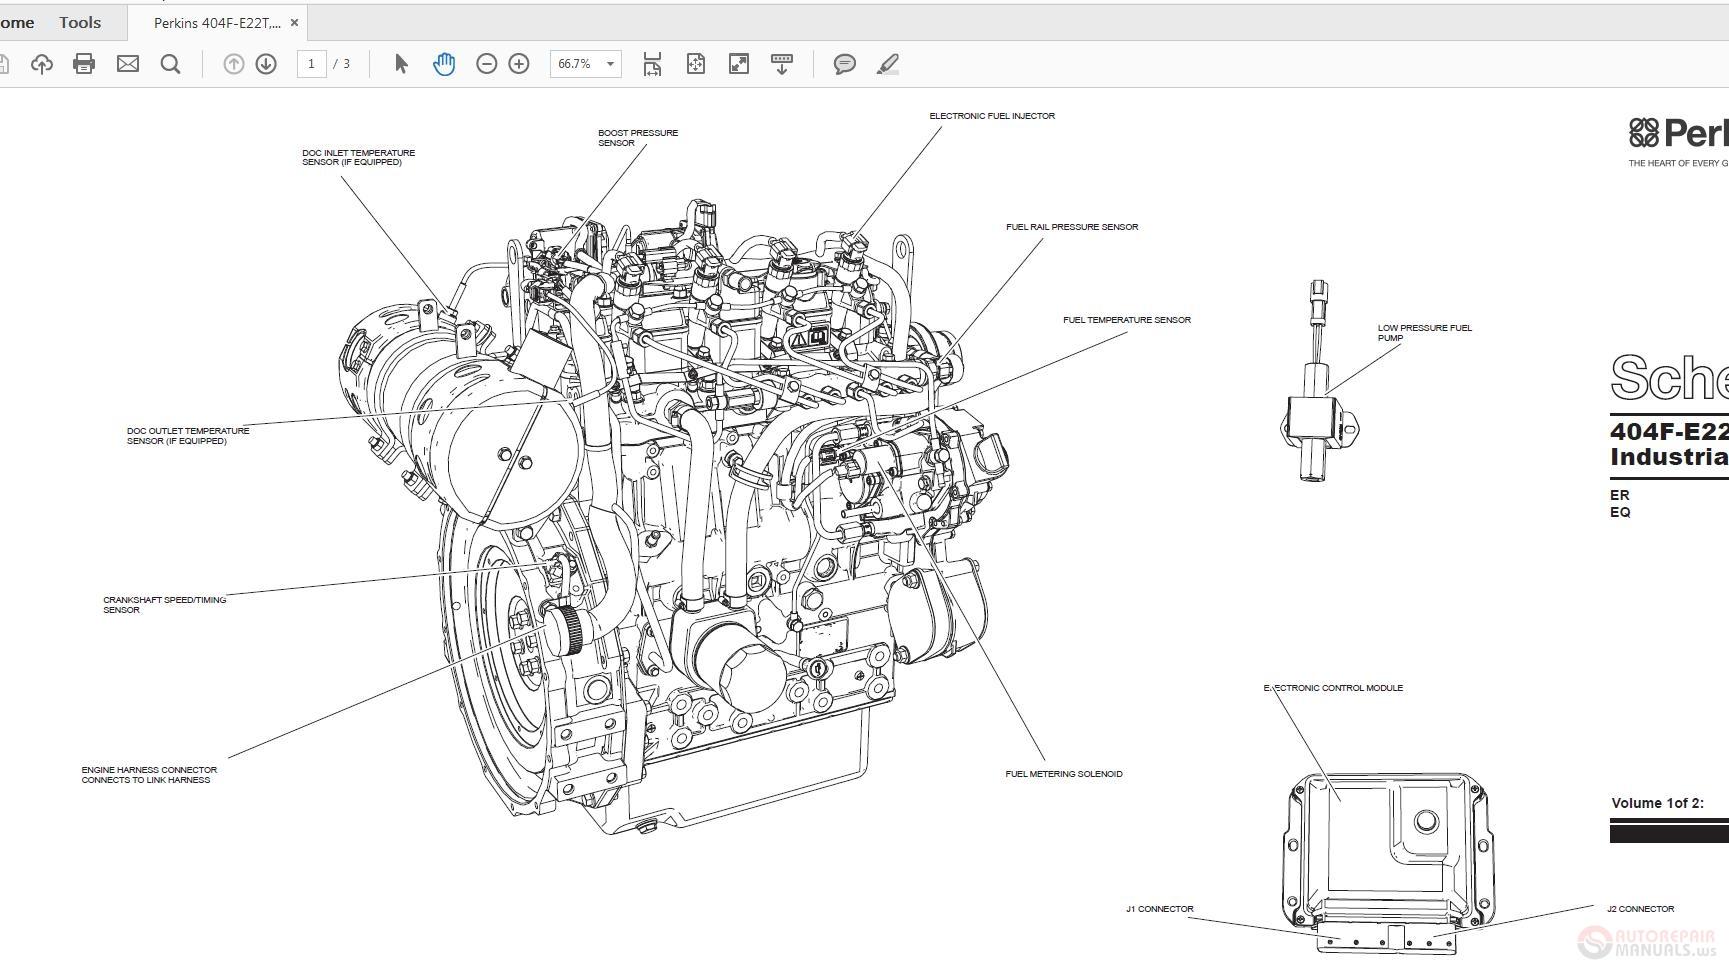 Perkins 404F-E22T,E22TA UENR4548-00 Schematic | Auto Repair